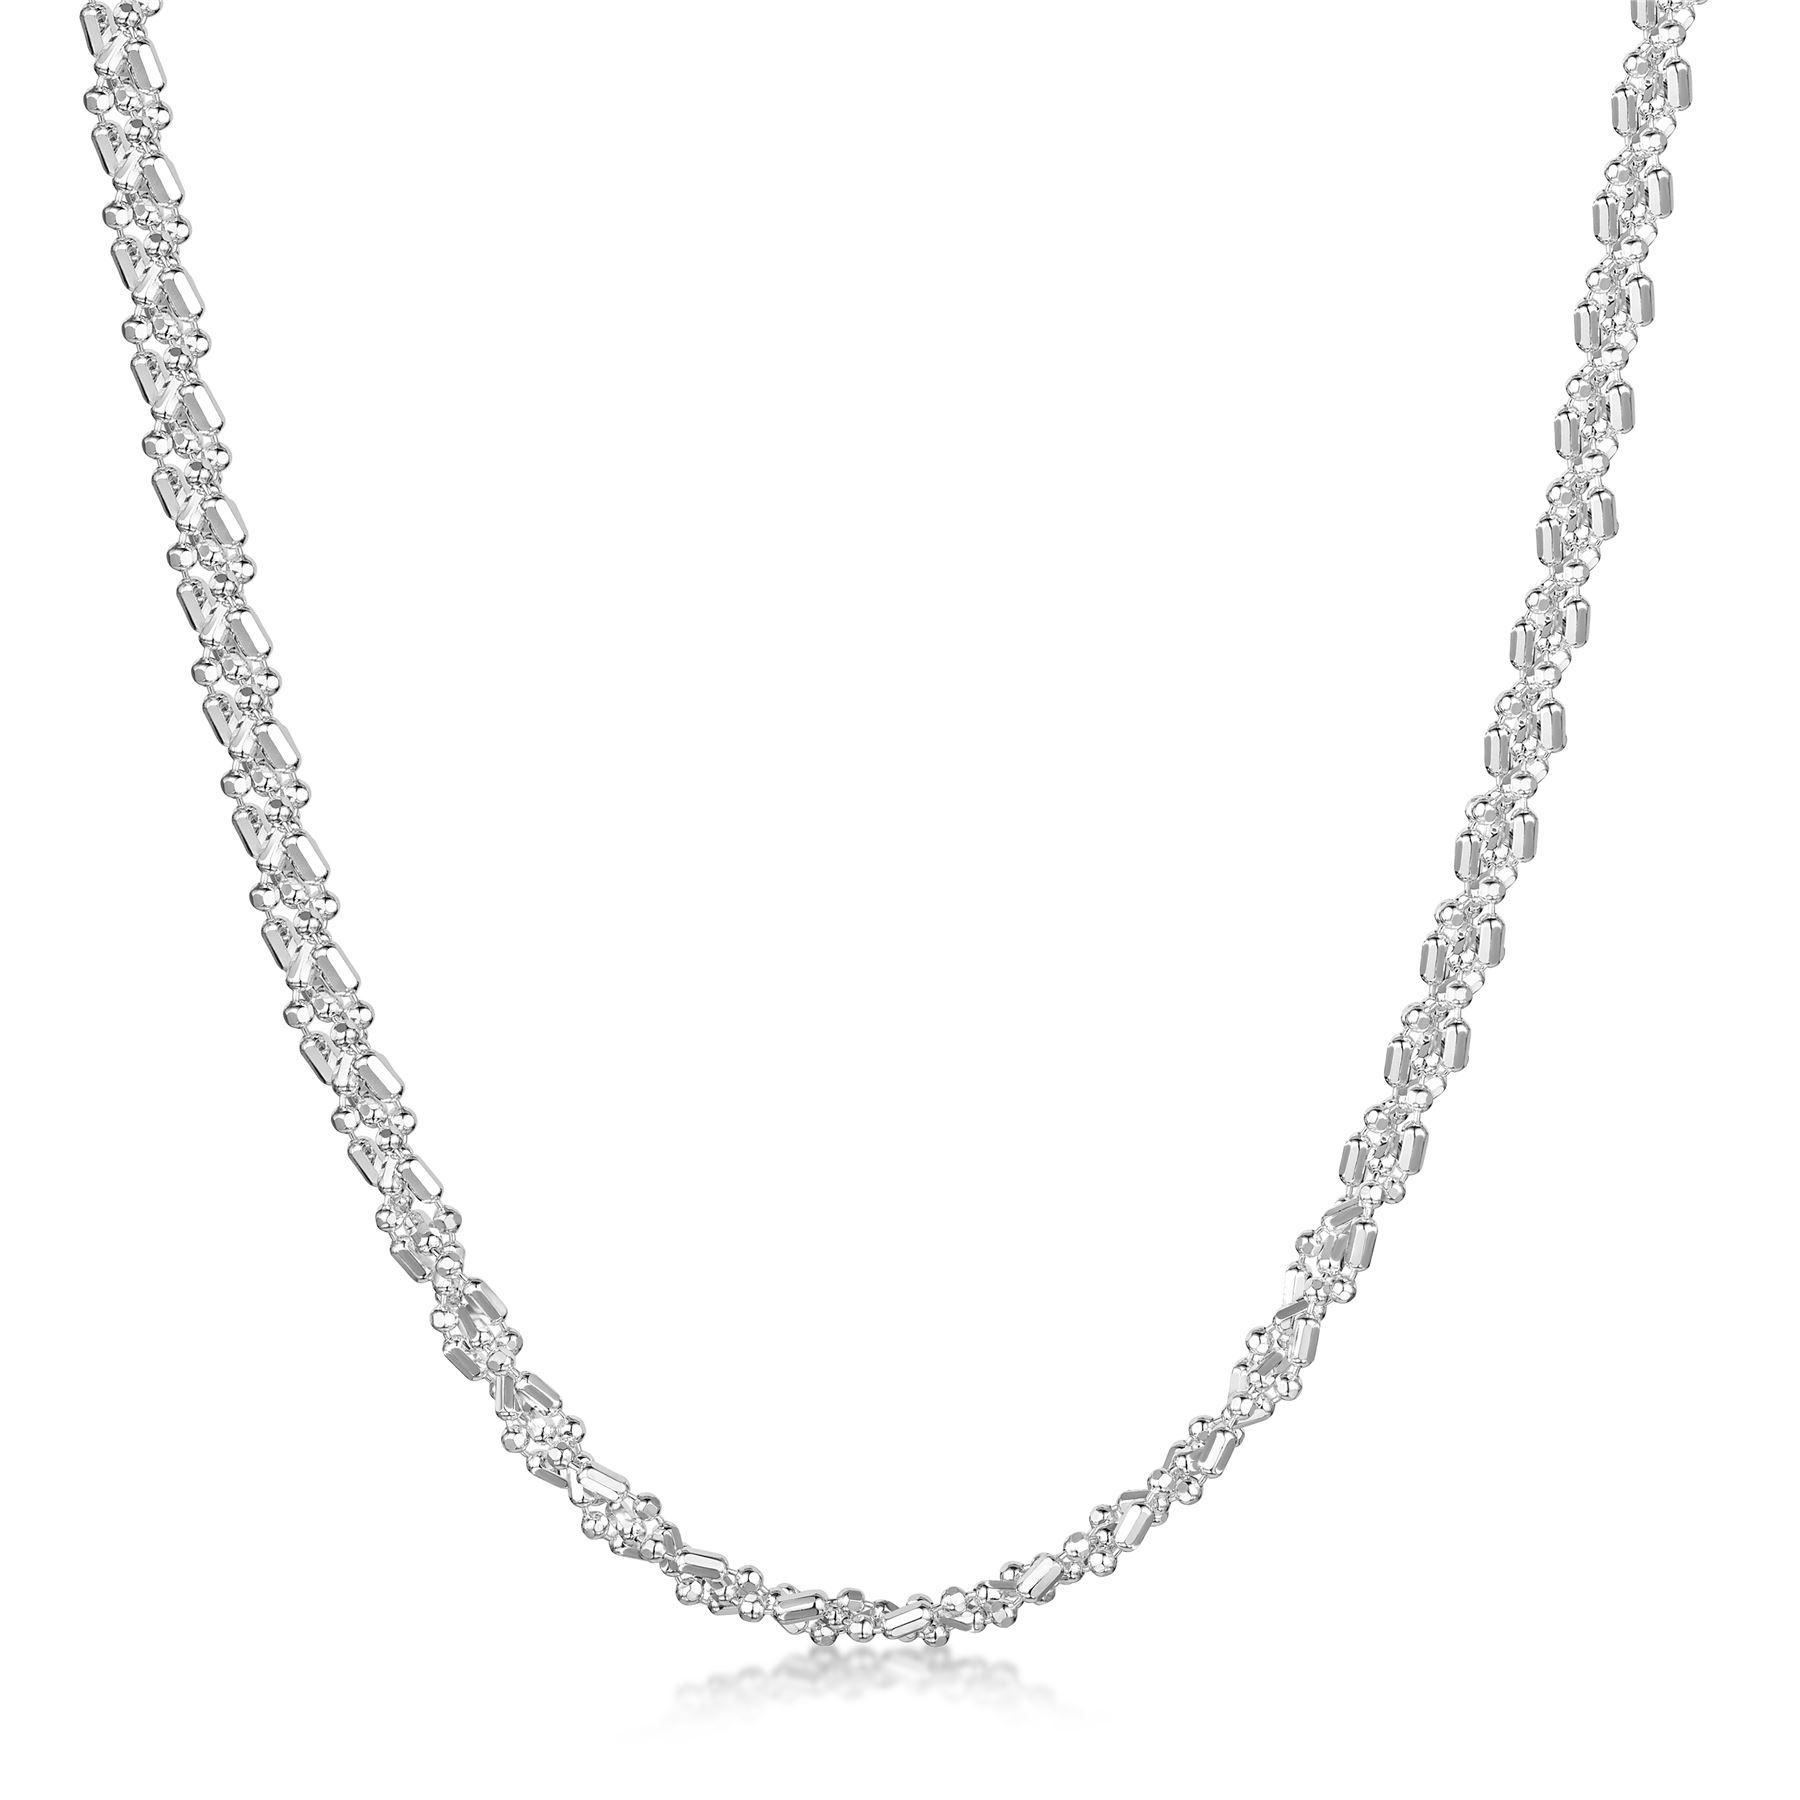 Amberta-Collar-en-Plata-De-Ley-925-Autentica-Cadena-para-Mujer-y-Hombre-Italiana miniatura 127